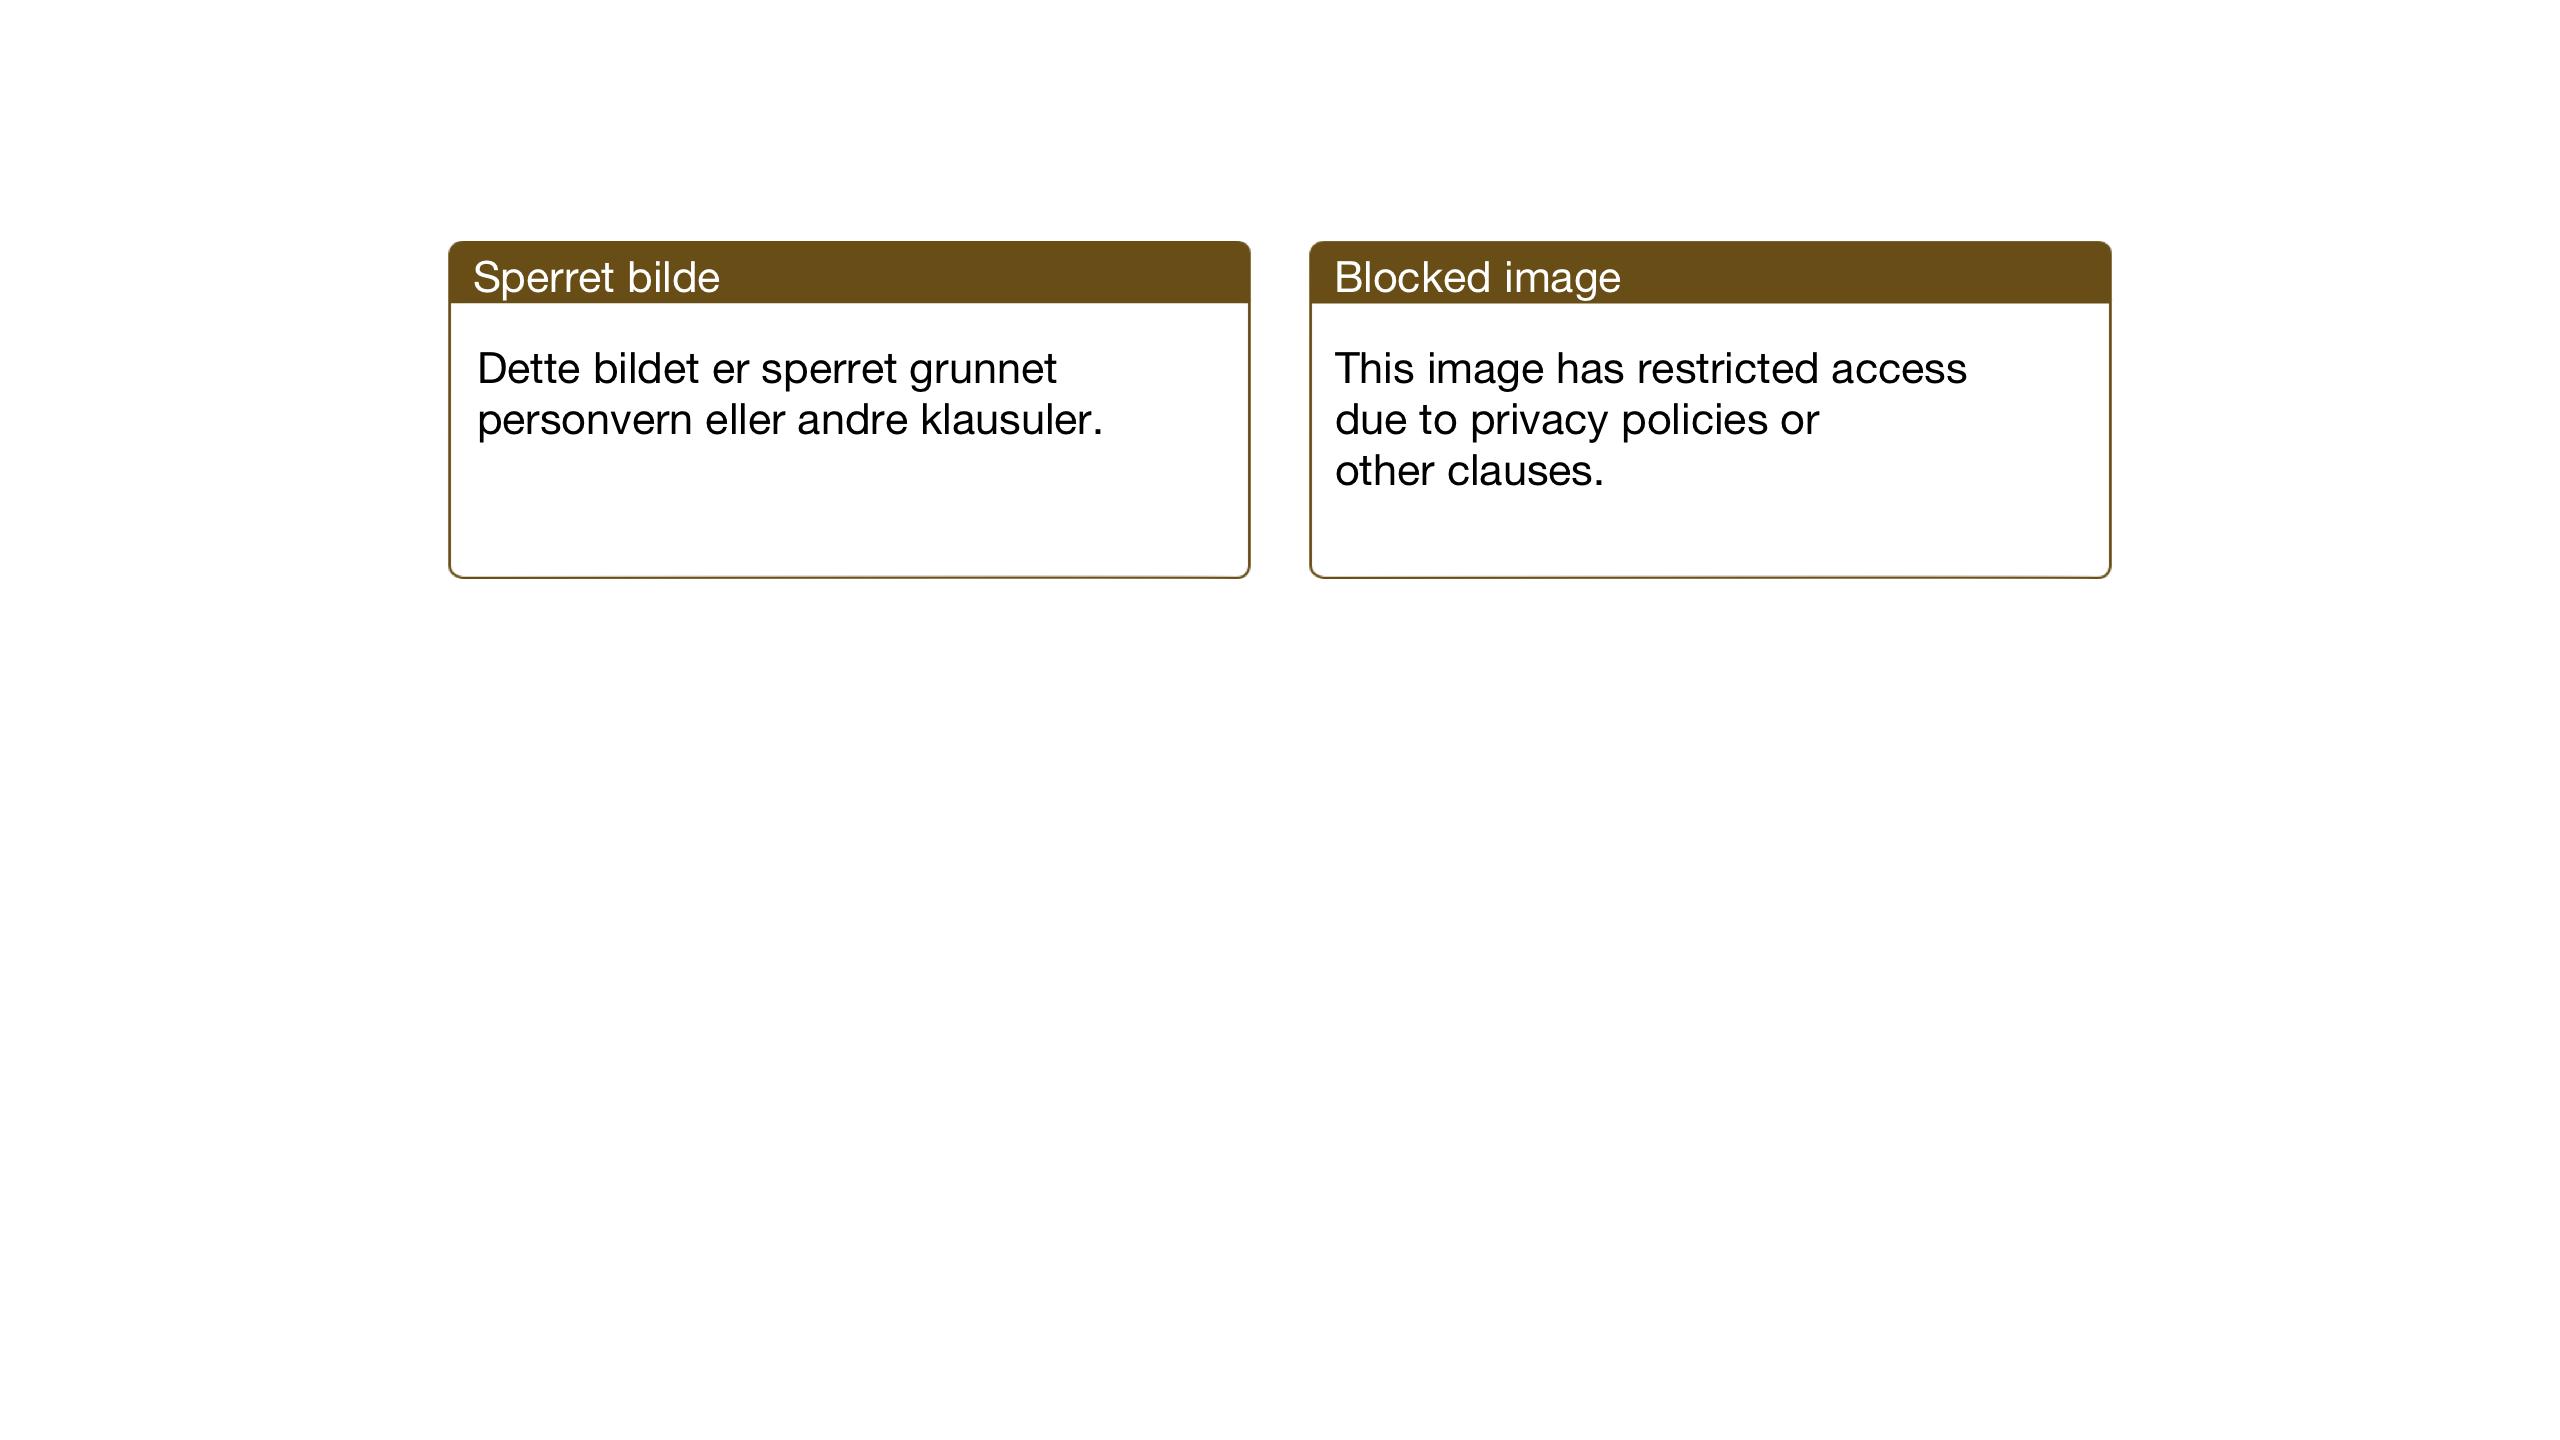 SAT, Ministerialprotokoller, klokkerbøker og fødselsregistre - Nord-Trøndelag, 755/L0500: Klokkerbok nr. 755C01, 1920-1962, s. 106